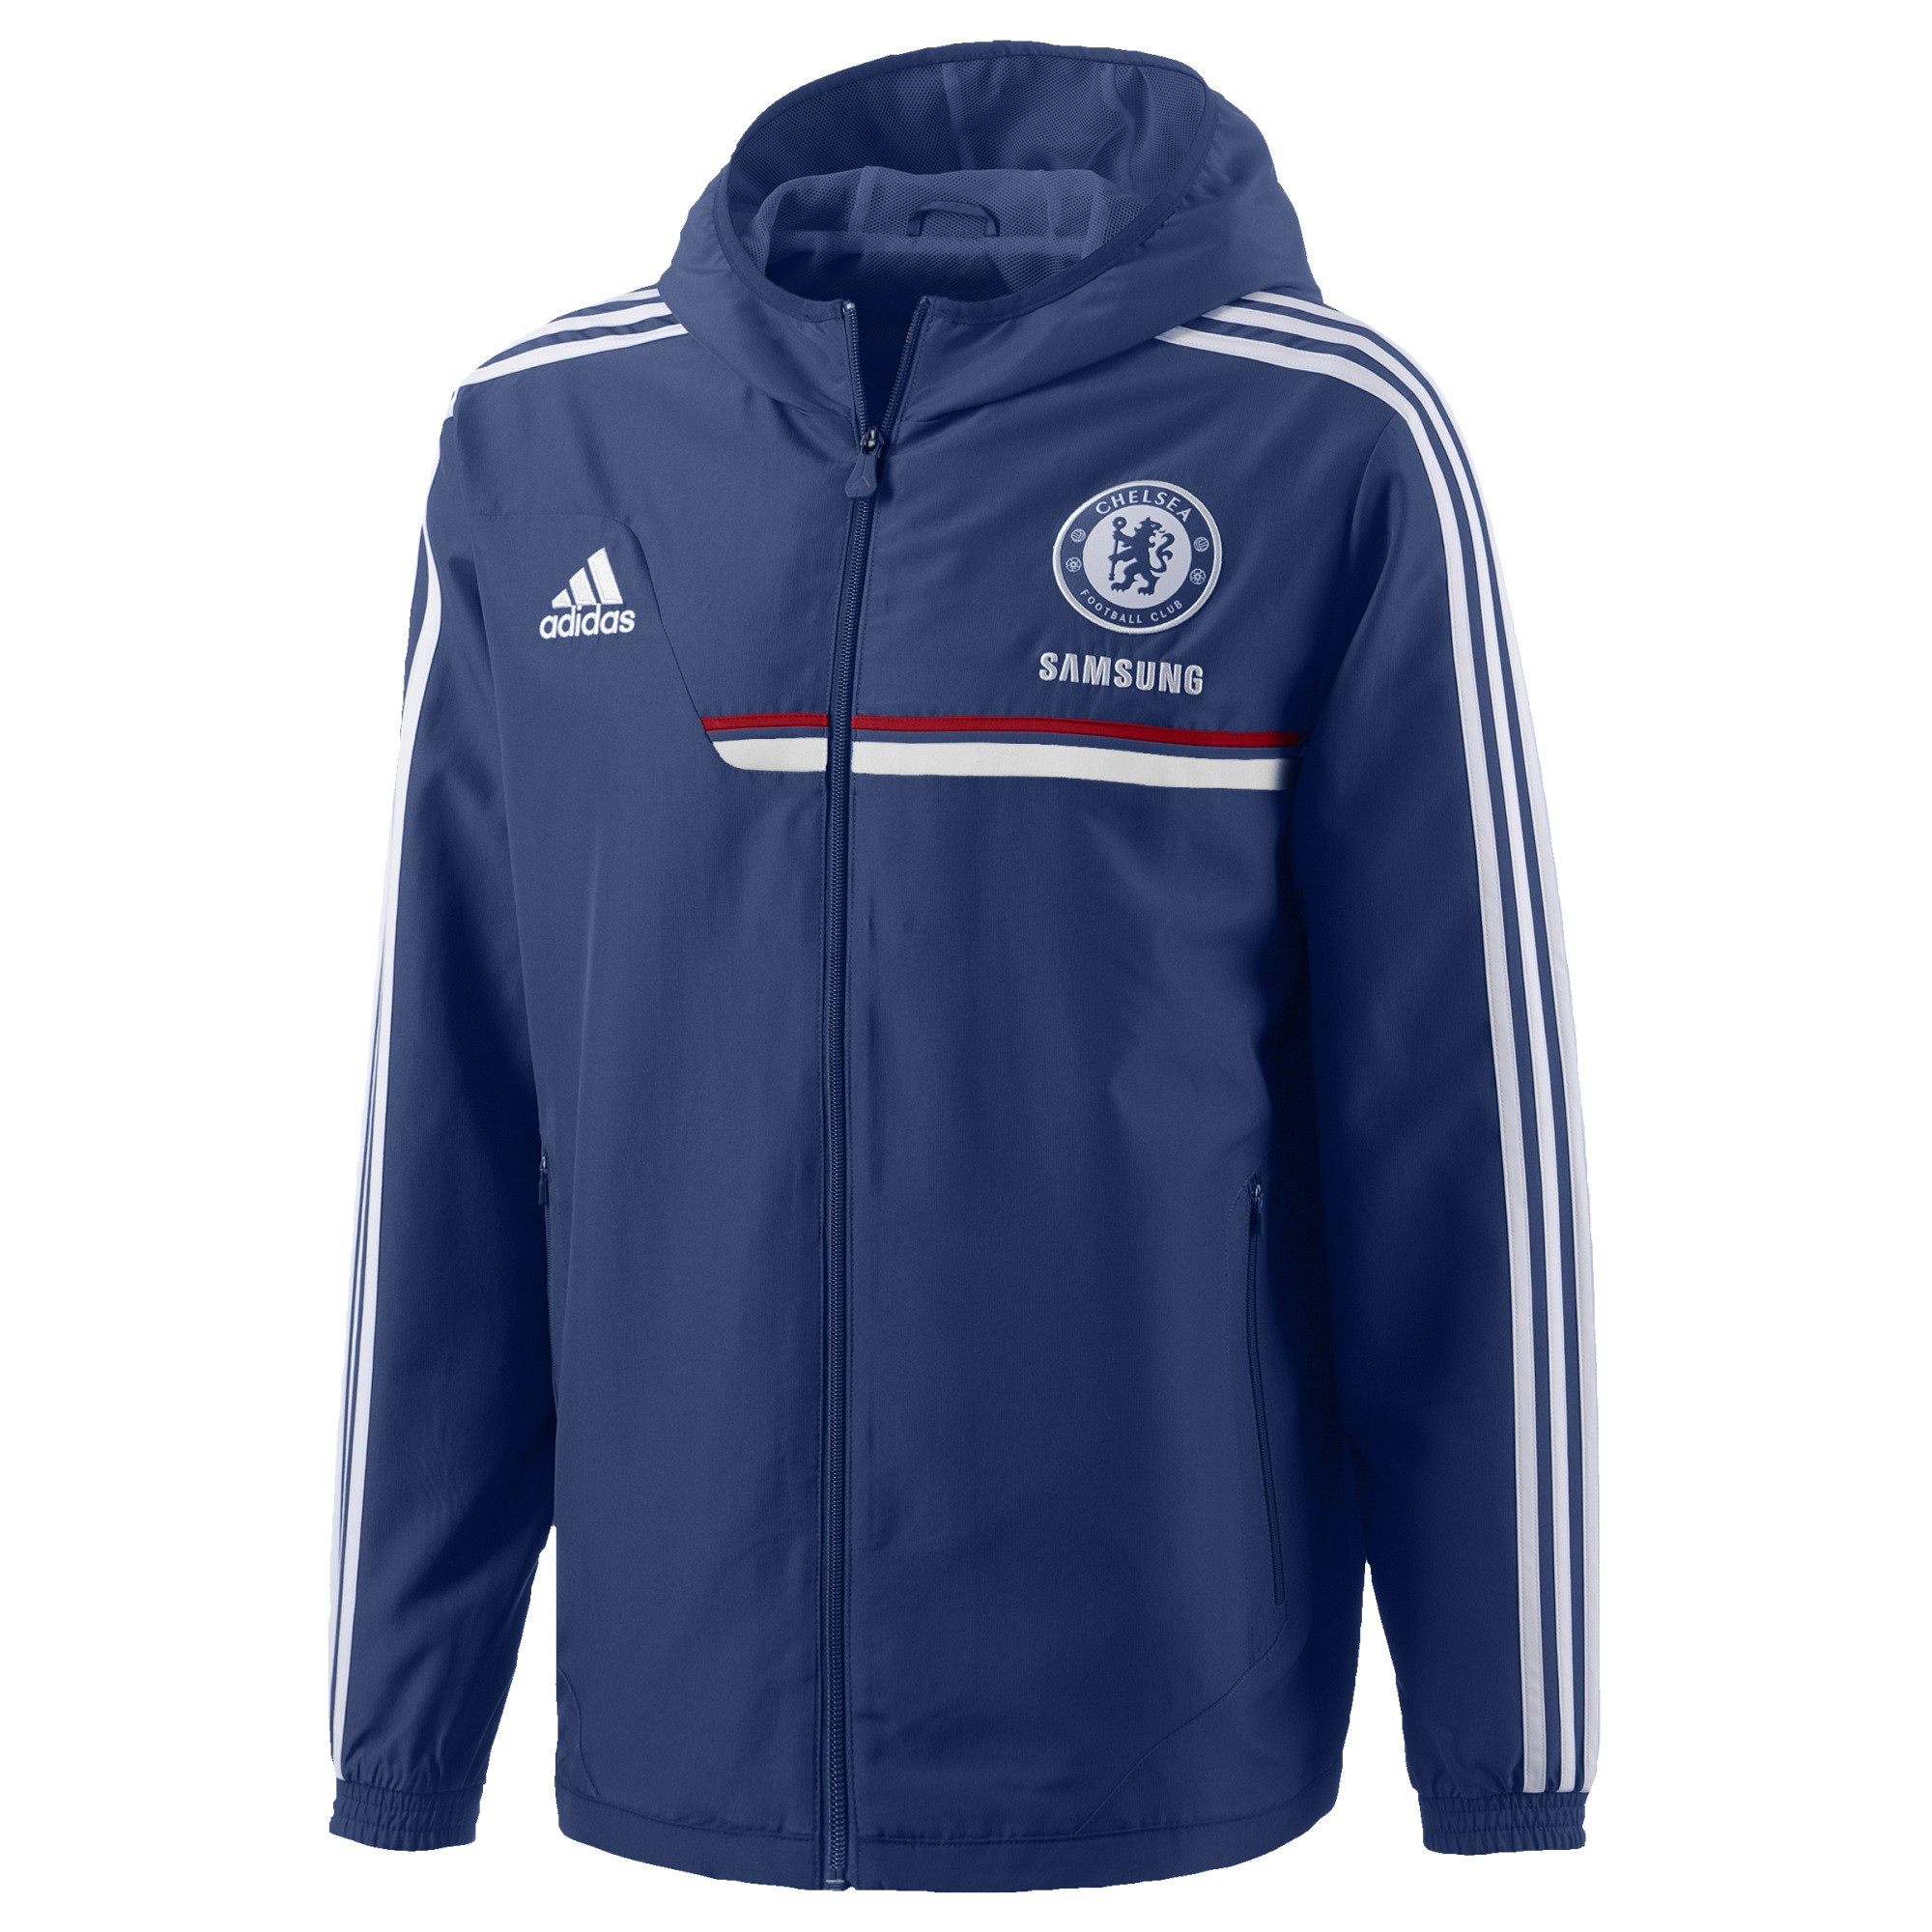 Jkt 20132014 Veste Chelsea Pre Bleu Rayon Adidas nv0w8Nm